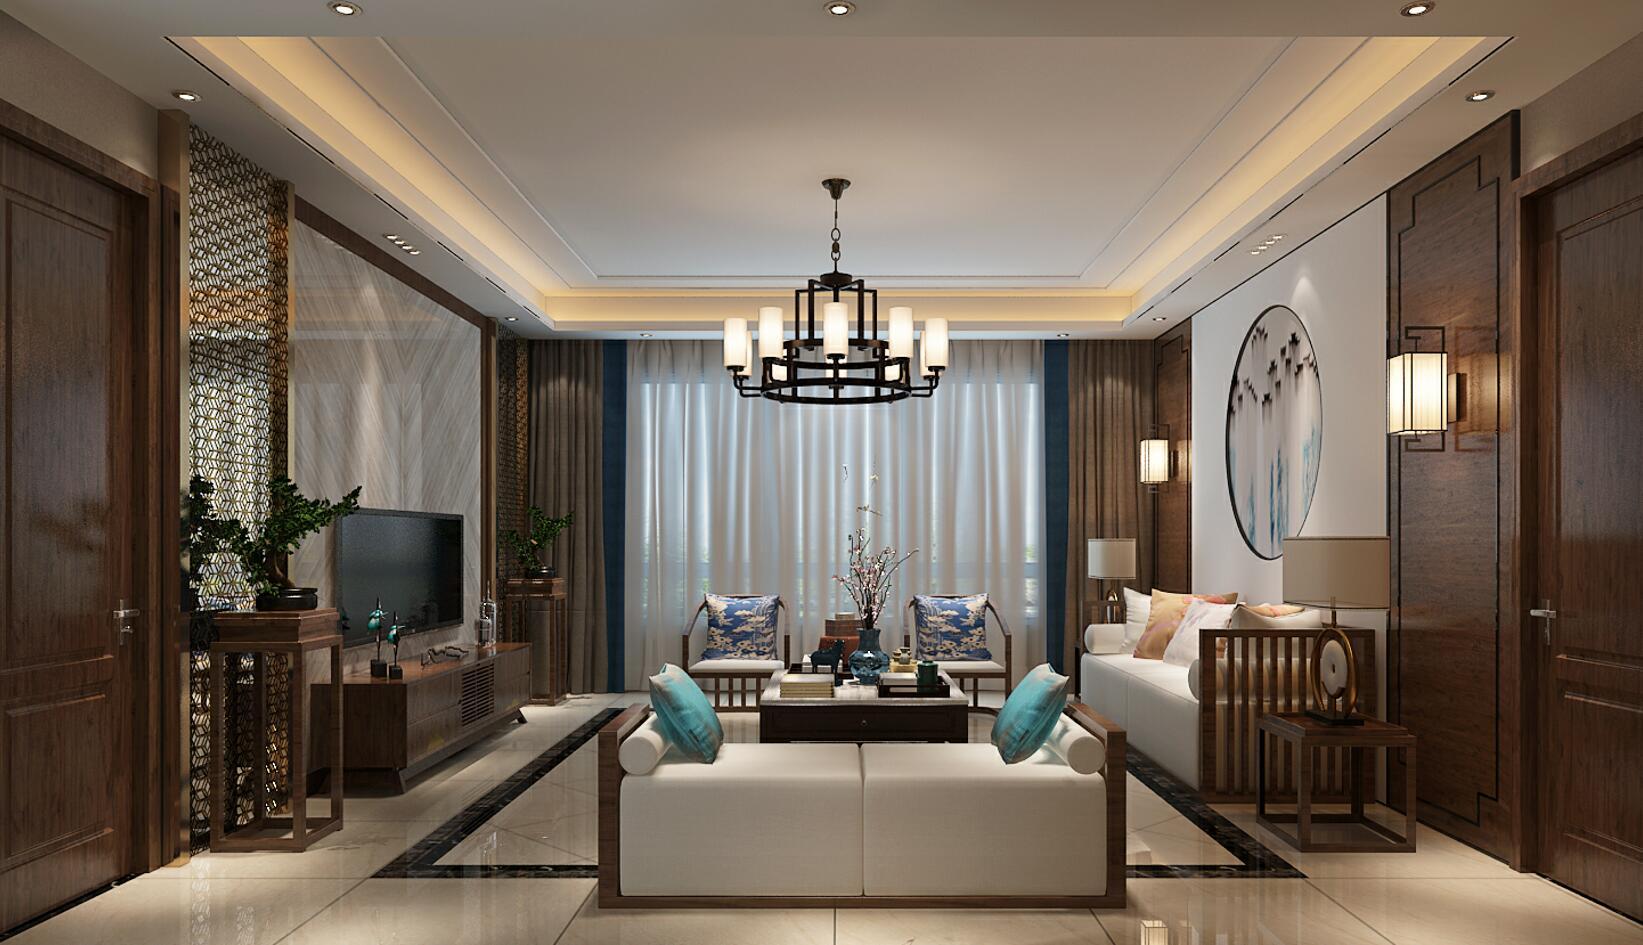 四居室新中式风格设计图